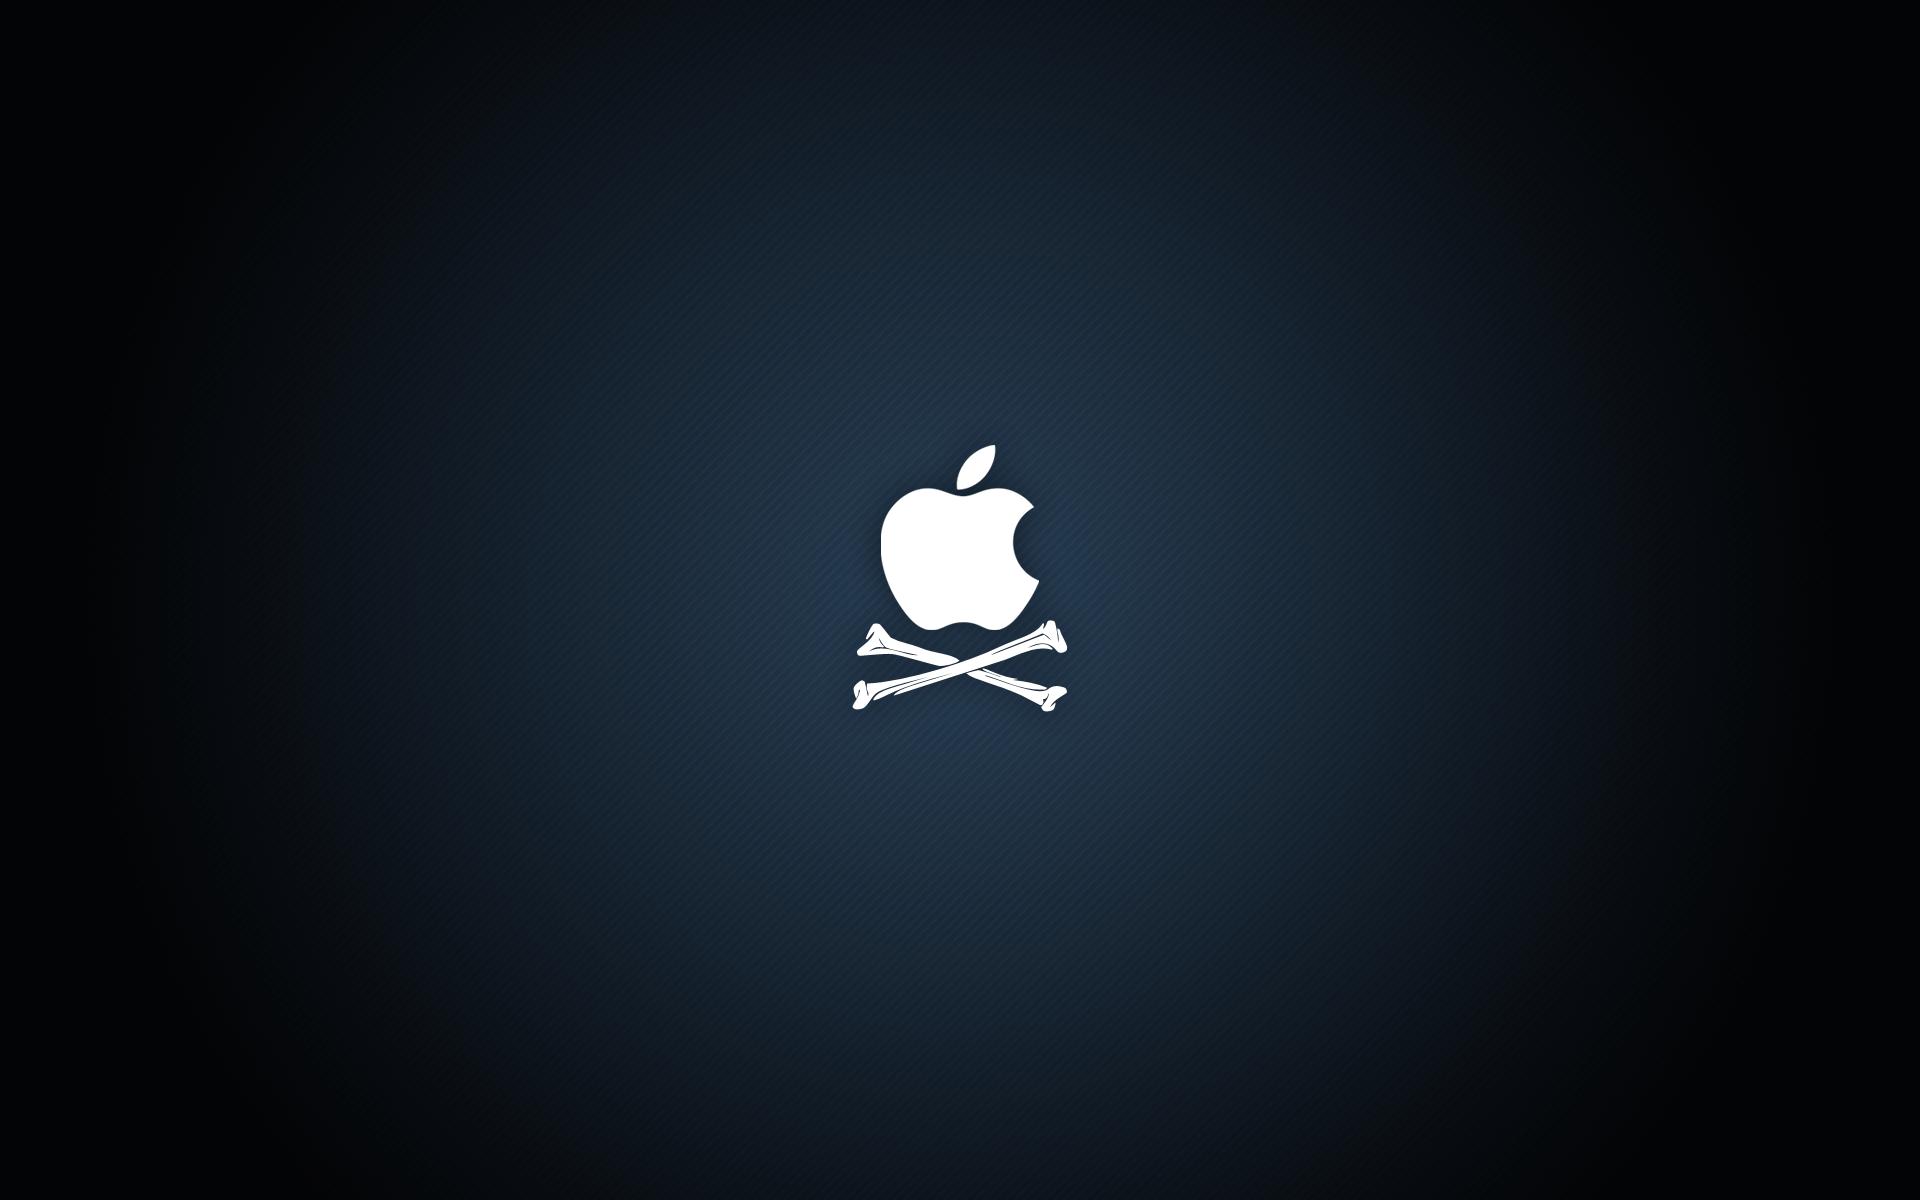 mac wallpaper set 24